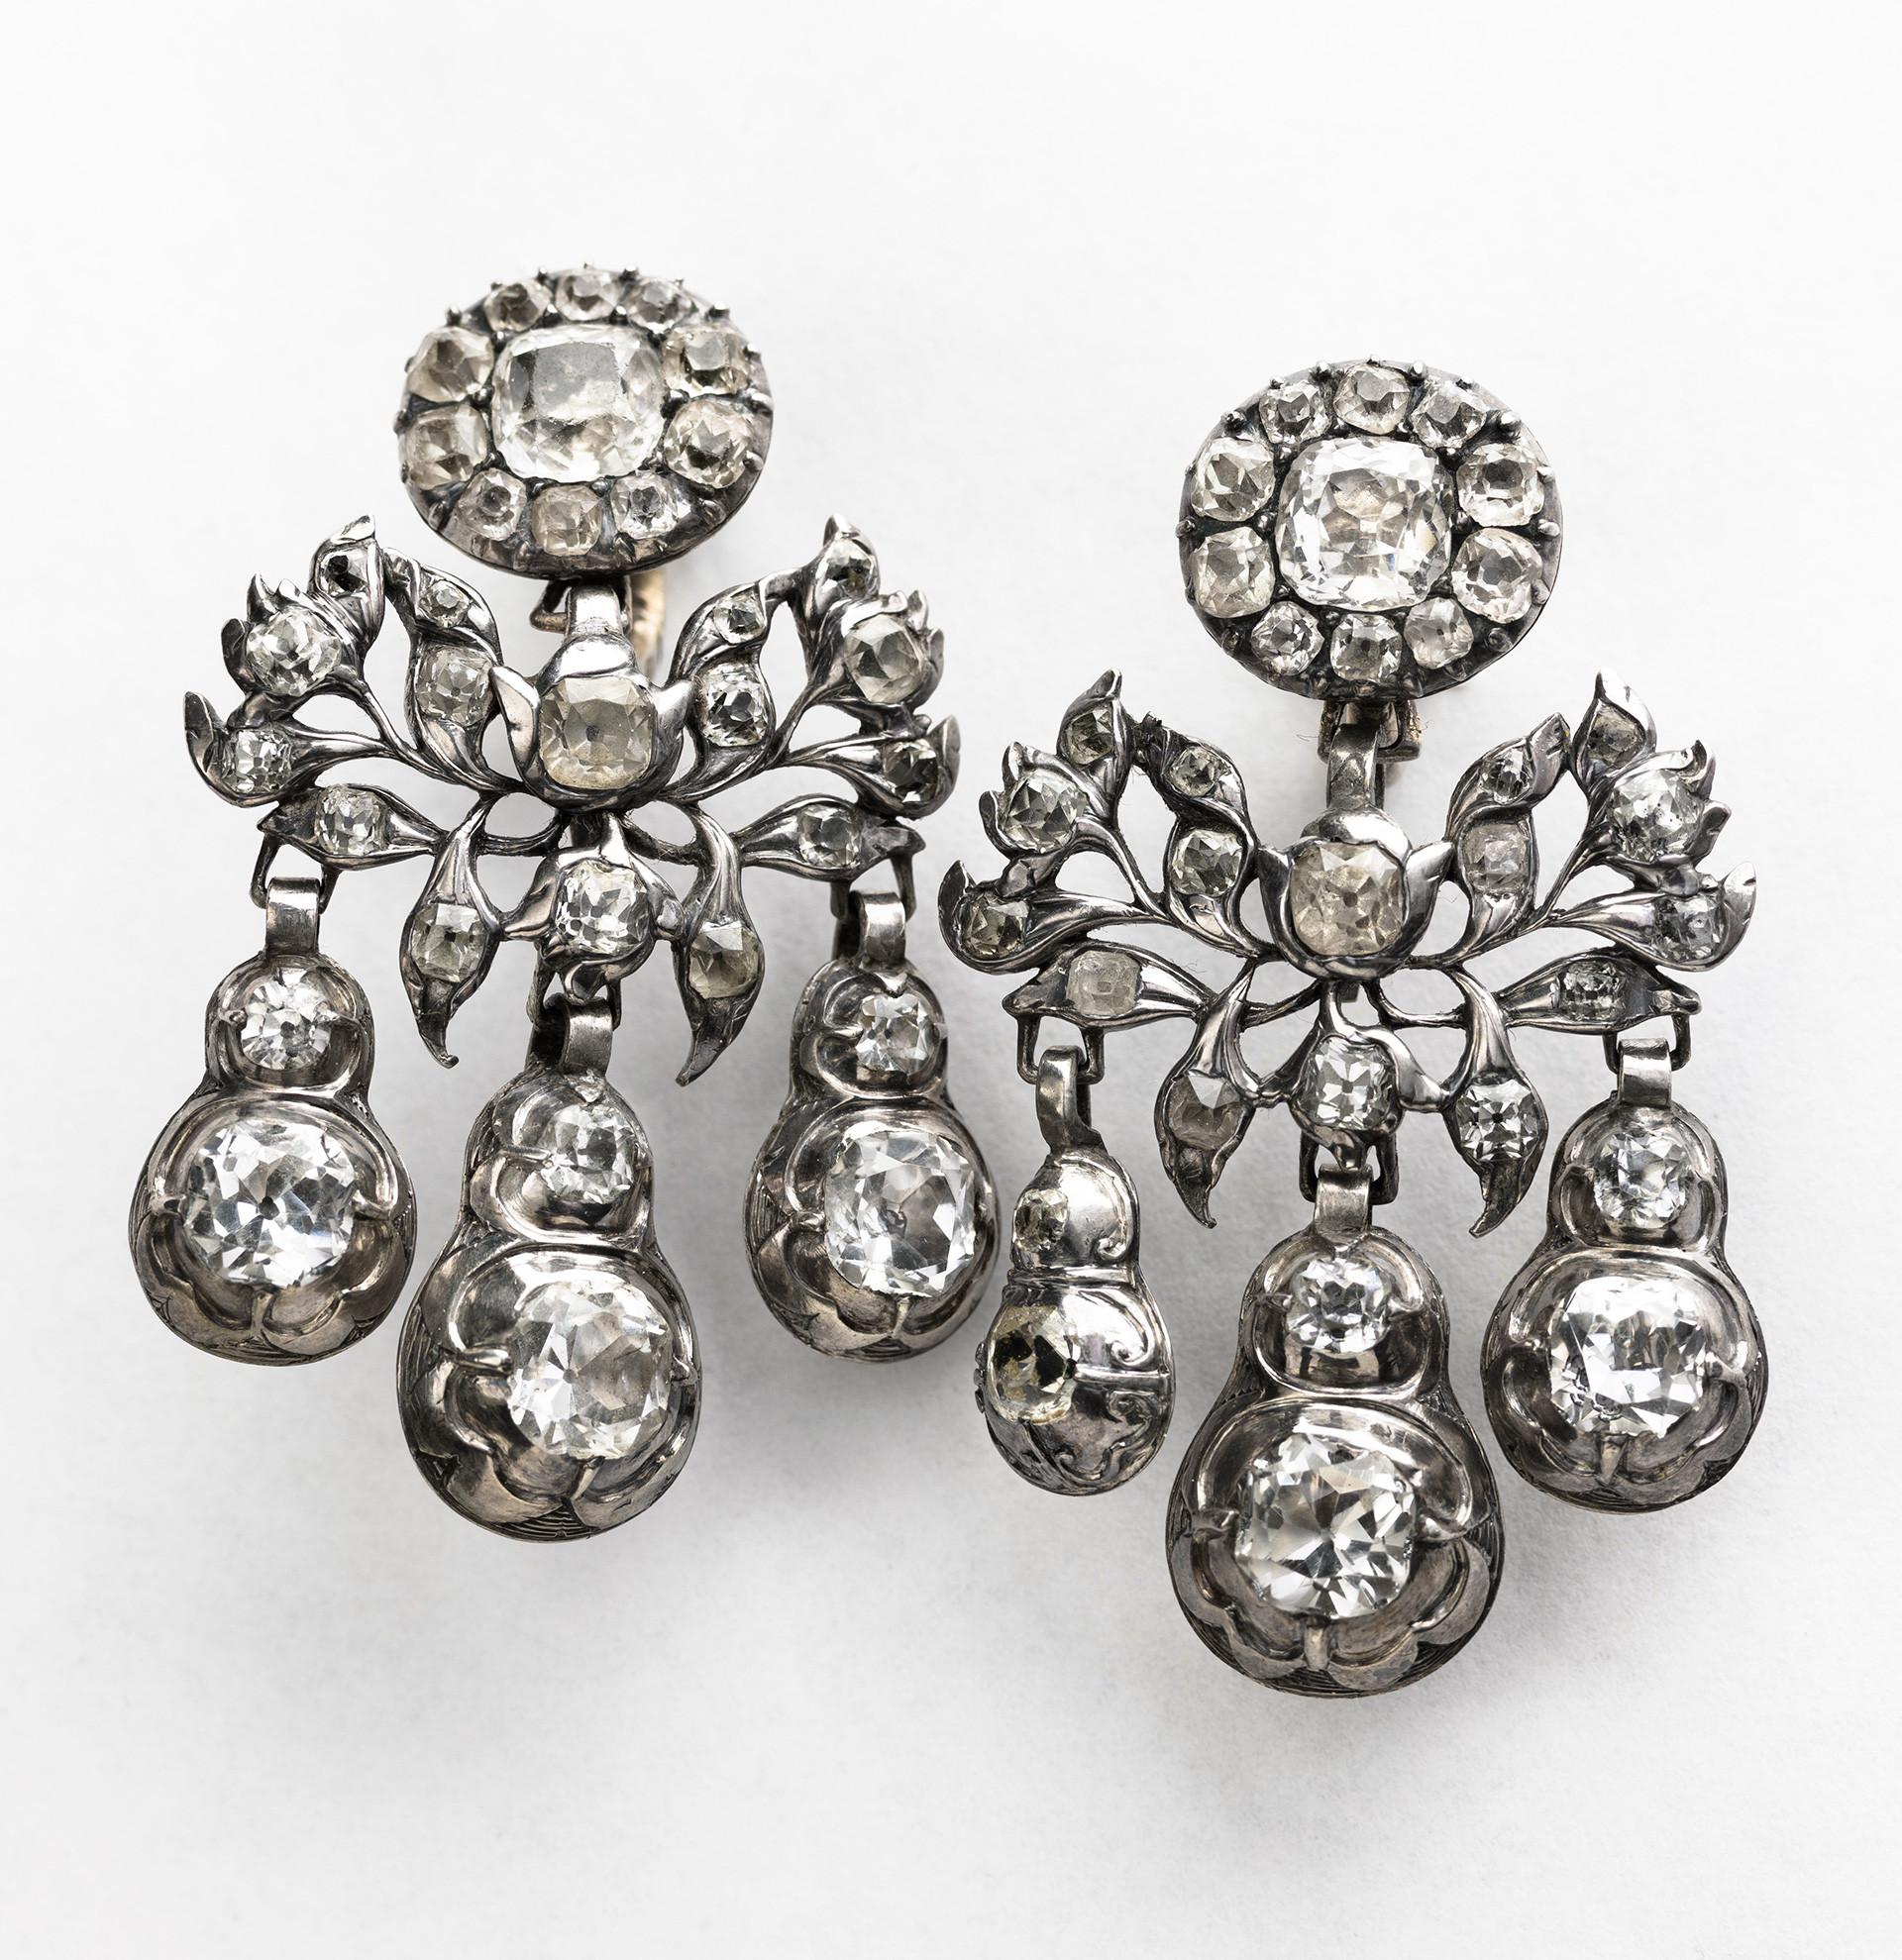 """Girandoler/örhängen. Örhängen och broscher med en rosettformation överst, därunder bladverk och slutligen tre hängande kläppar, kallas """"girandoler"""". Ordet kommer från franskan och betyder kandelaber, en stor ljusstake. Diamanter, fasettslipade bergkristaller eller glasstenar blev några av de mest omtyckta smyckestenarna under rokokotiden. Girandolerna på bilden är av silver och bergkristall, från 1700-talets mitt."""